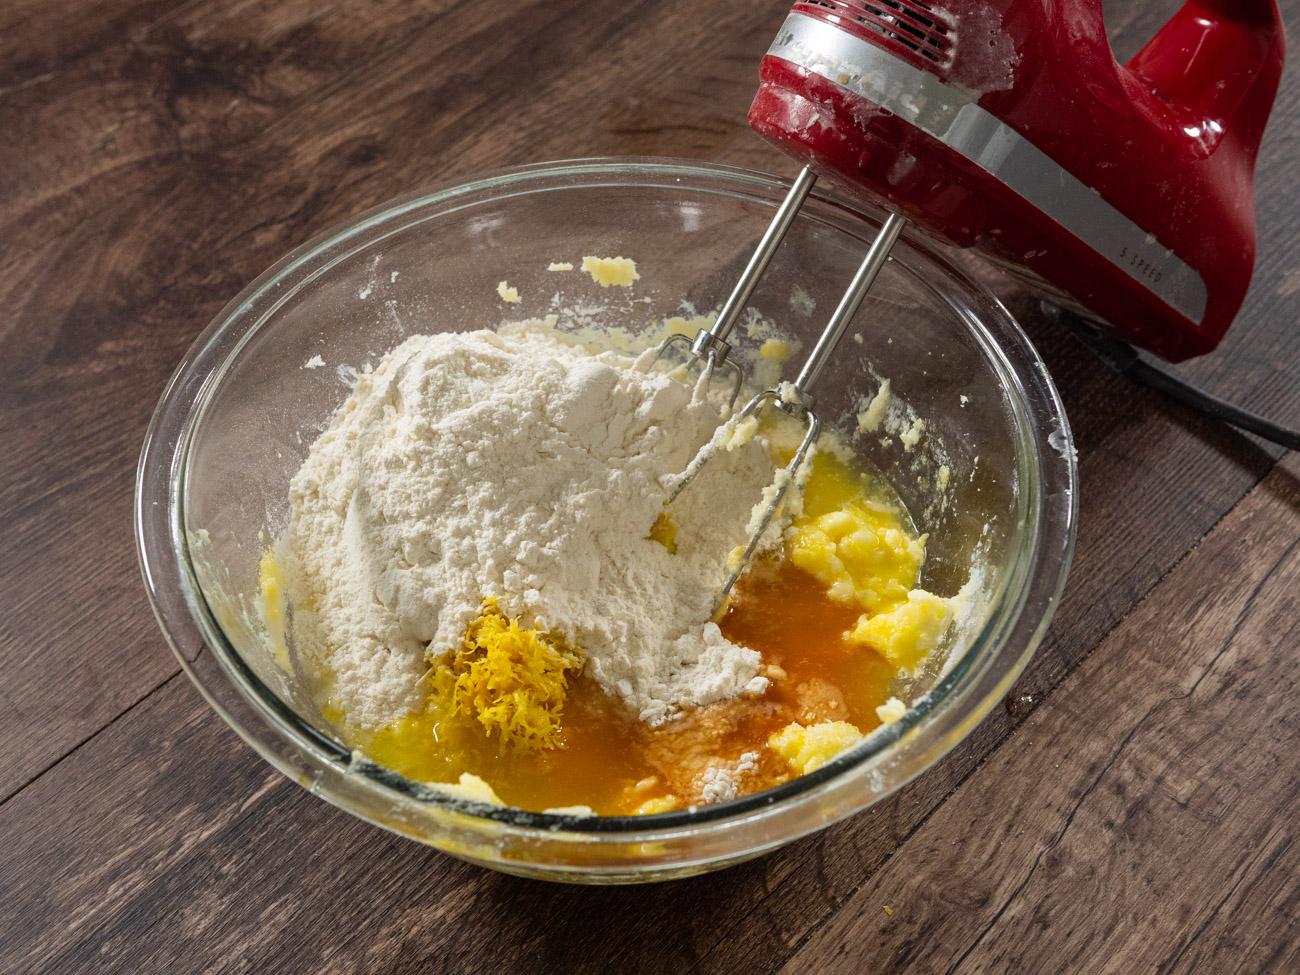 Mix in the lemon juice, lemon zest, salt, vanilla extract, and flour until a soft batter forms.